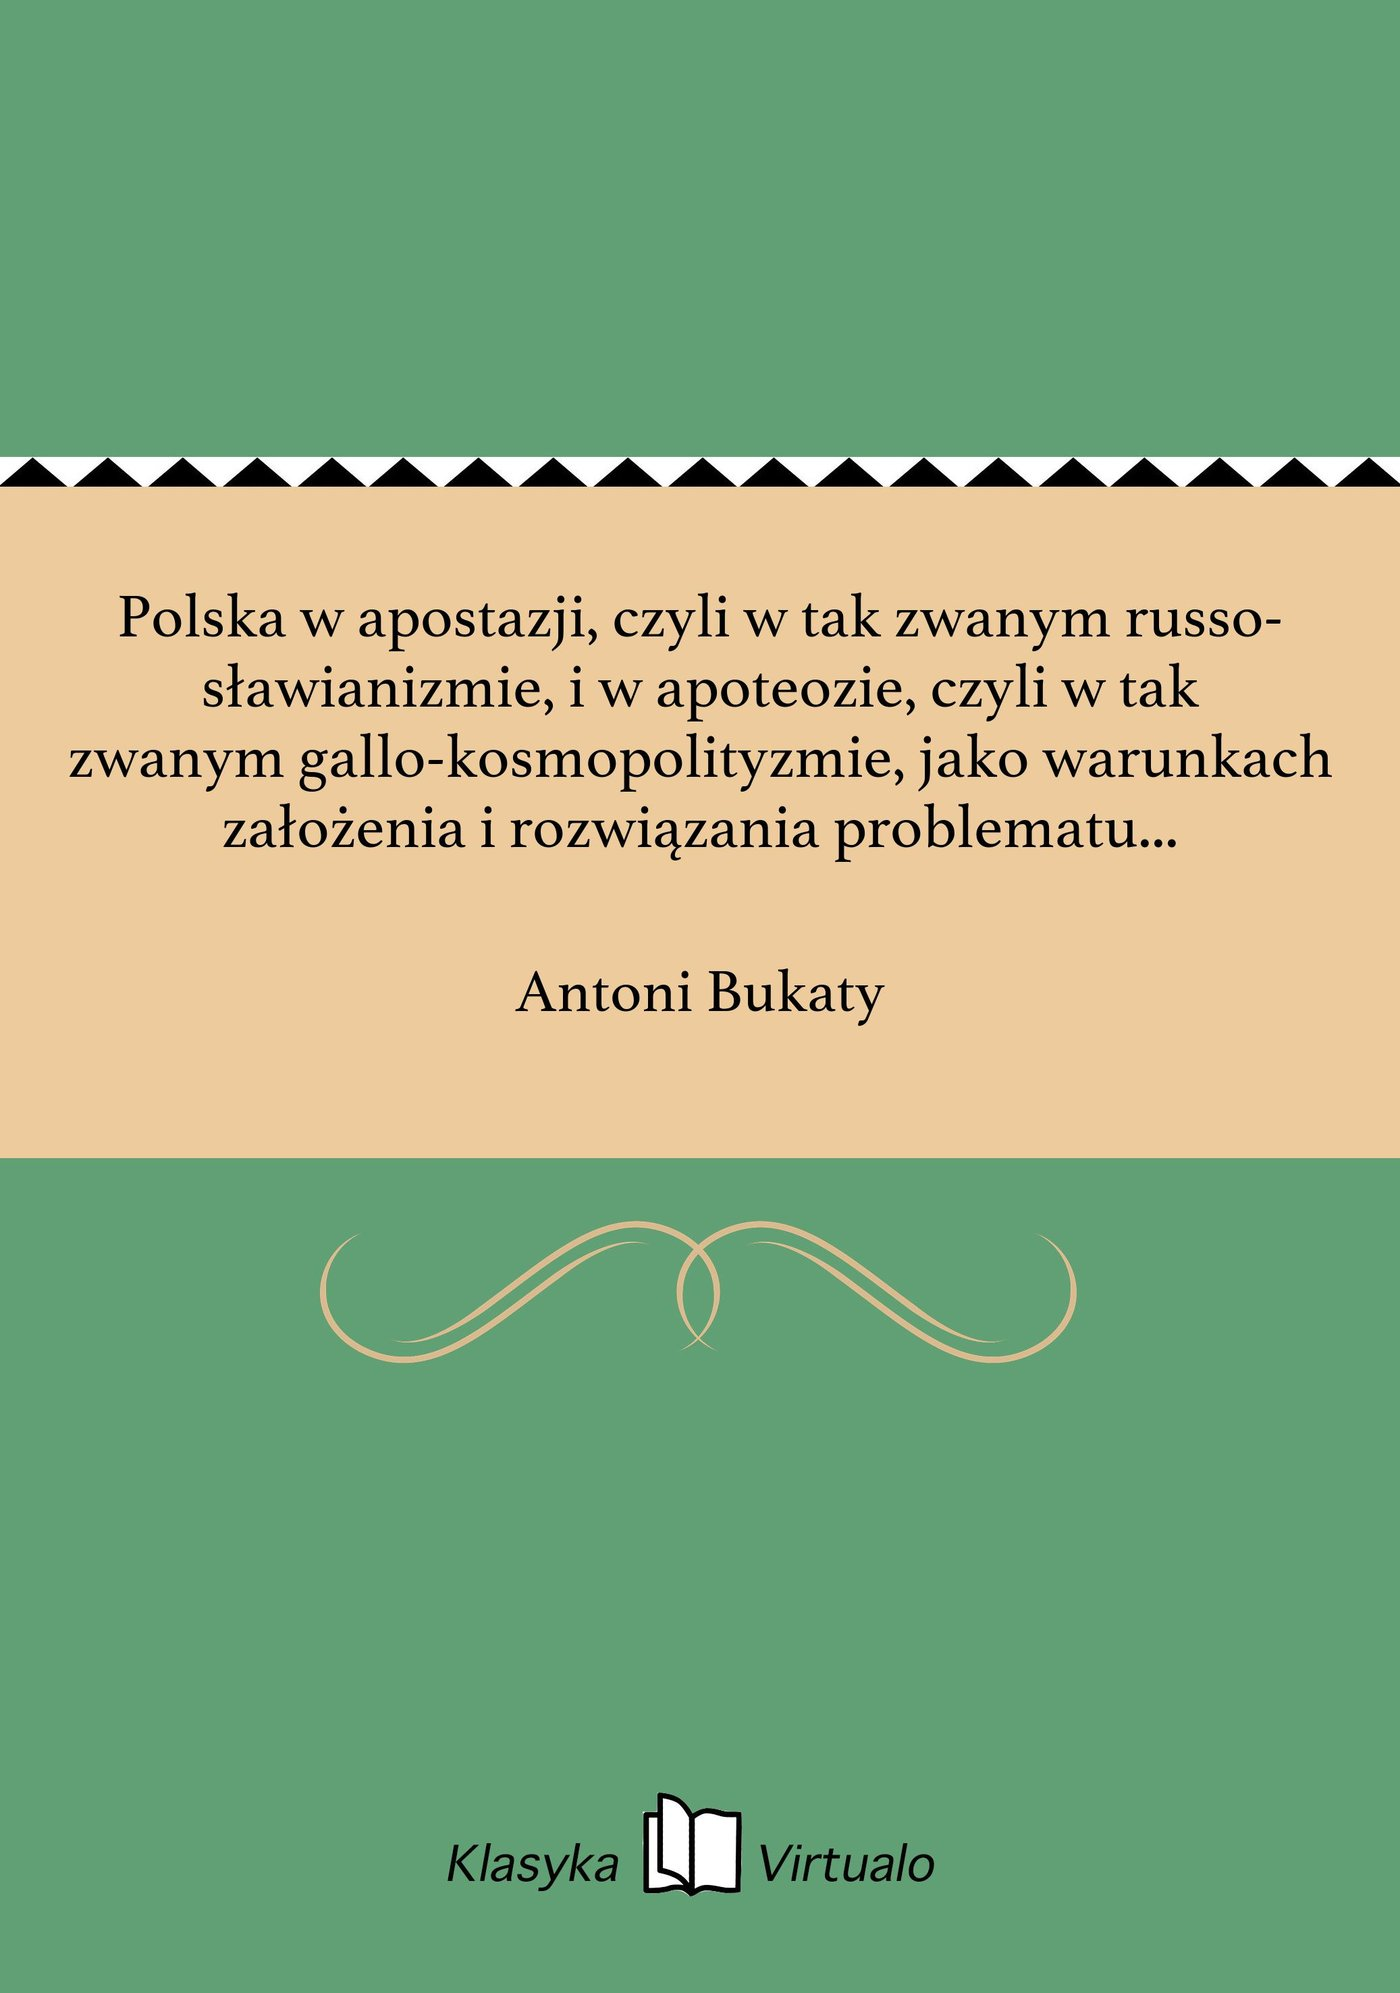 Polska w apostazji, czyli w tak zwanym russo-sławianizmie, i w apoteozie, czyli w tak zwanym gallo-kosmopolityzmie, jako warunkach założenia i rozwiązania problematu etnologicznego w praktyce i wiedzy - Ebook (Książka na Kindle) do pobrania w formacie MOBI